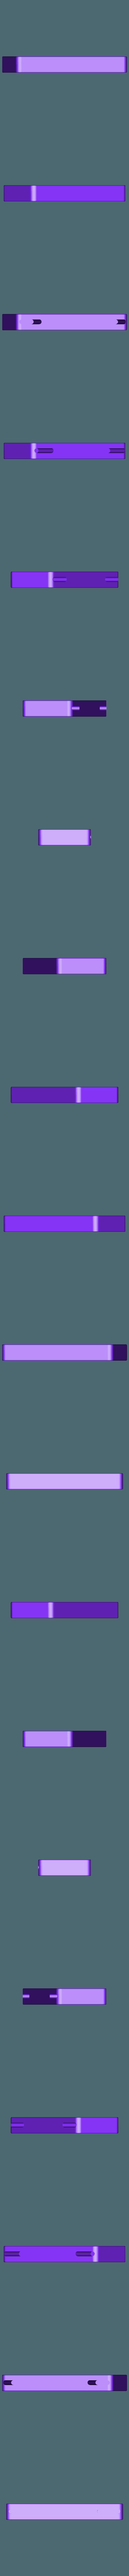 hand.STL Télécharger fichier STL gratuit Nouvelle motion linéaire pour Prusa i4 • Objet imprimable en 3D, perinski